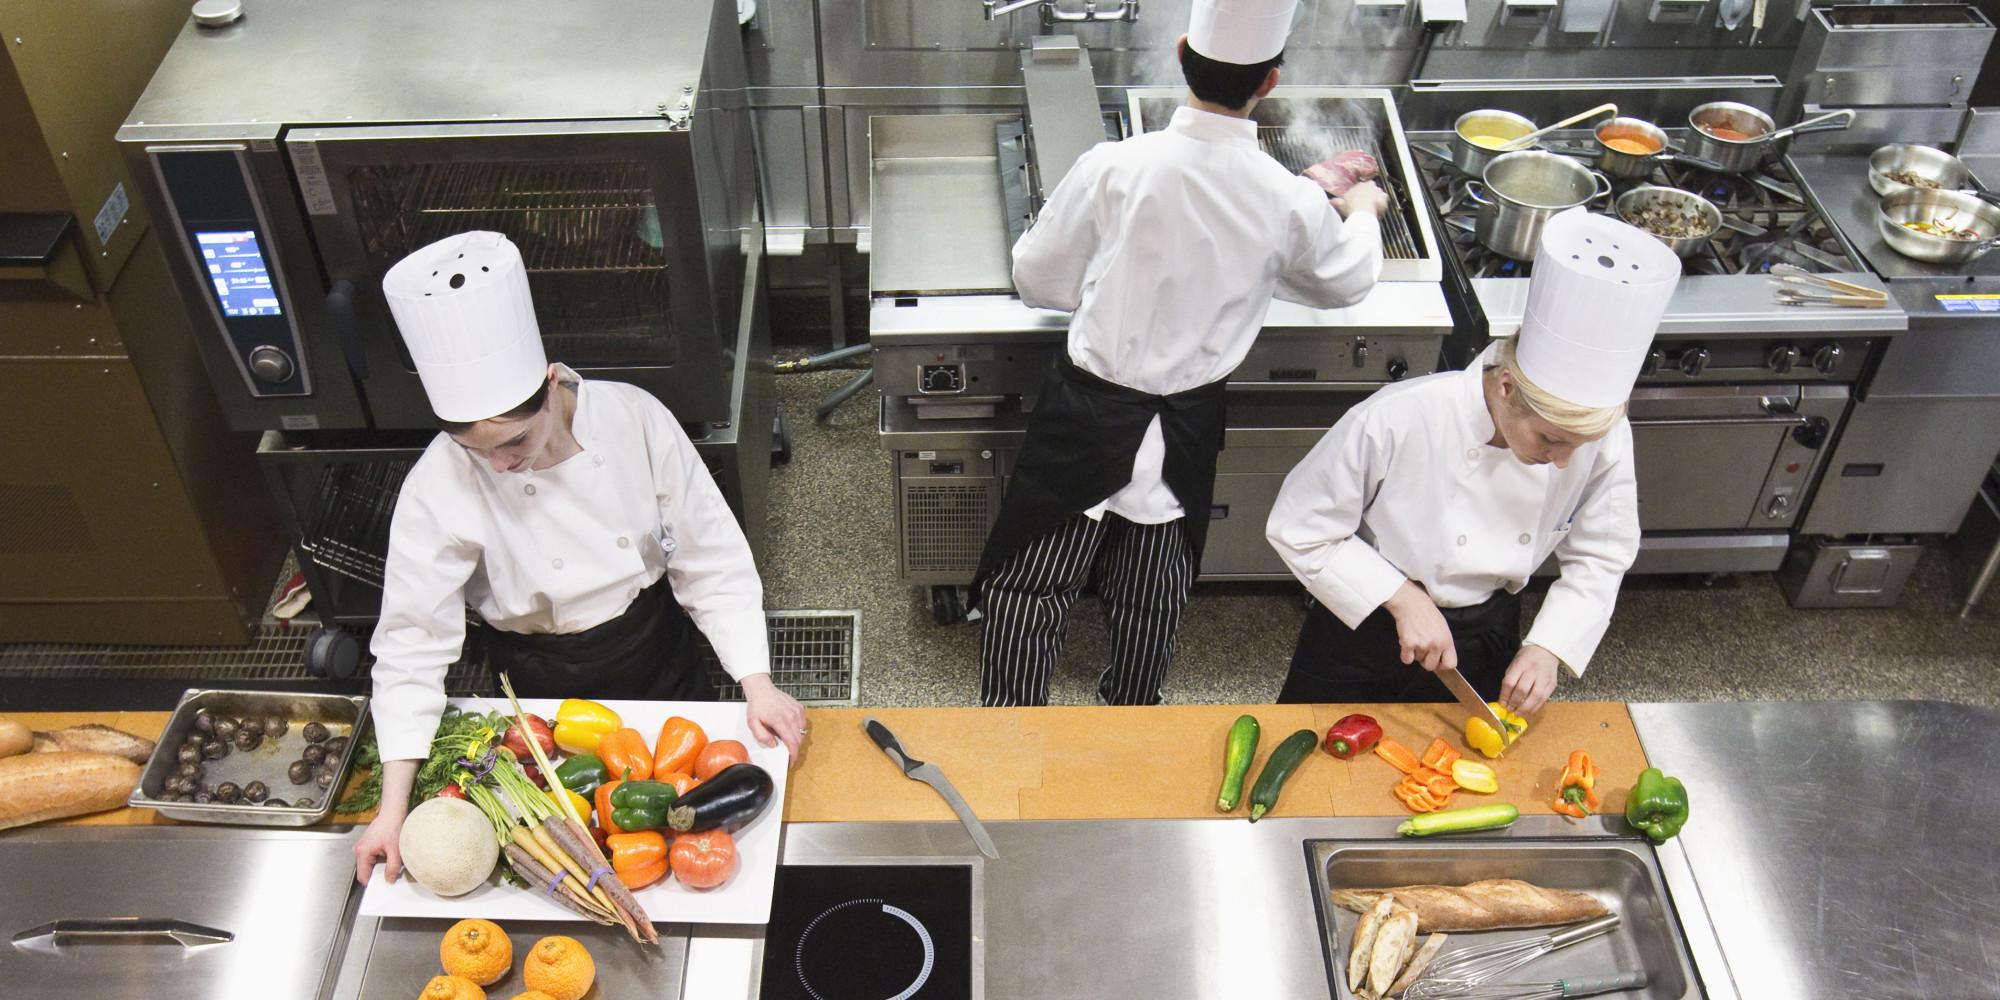 Cómo reducir los desperdicios de un restaurante